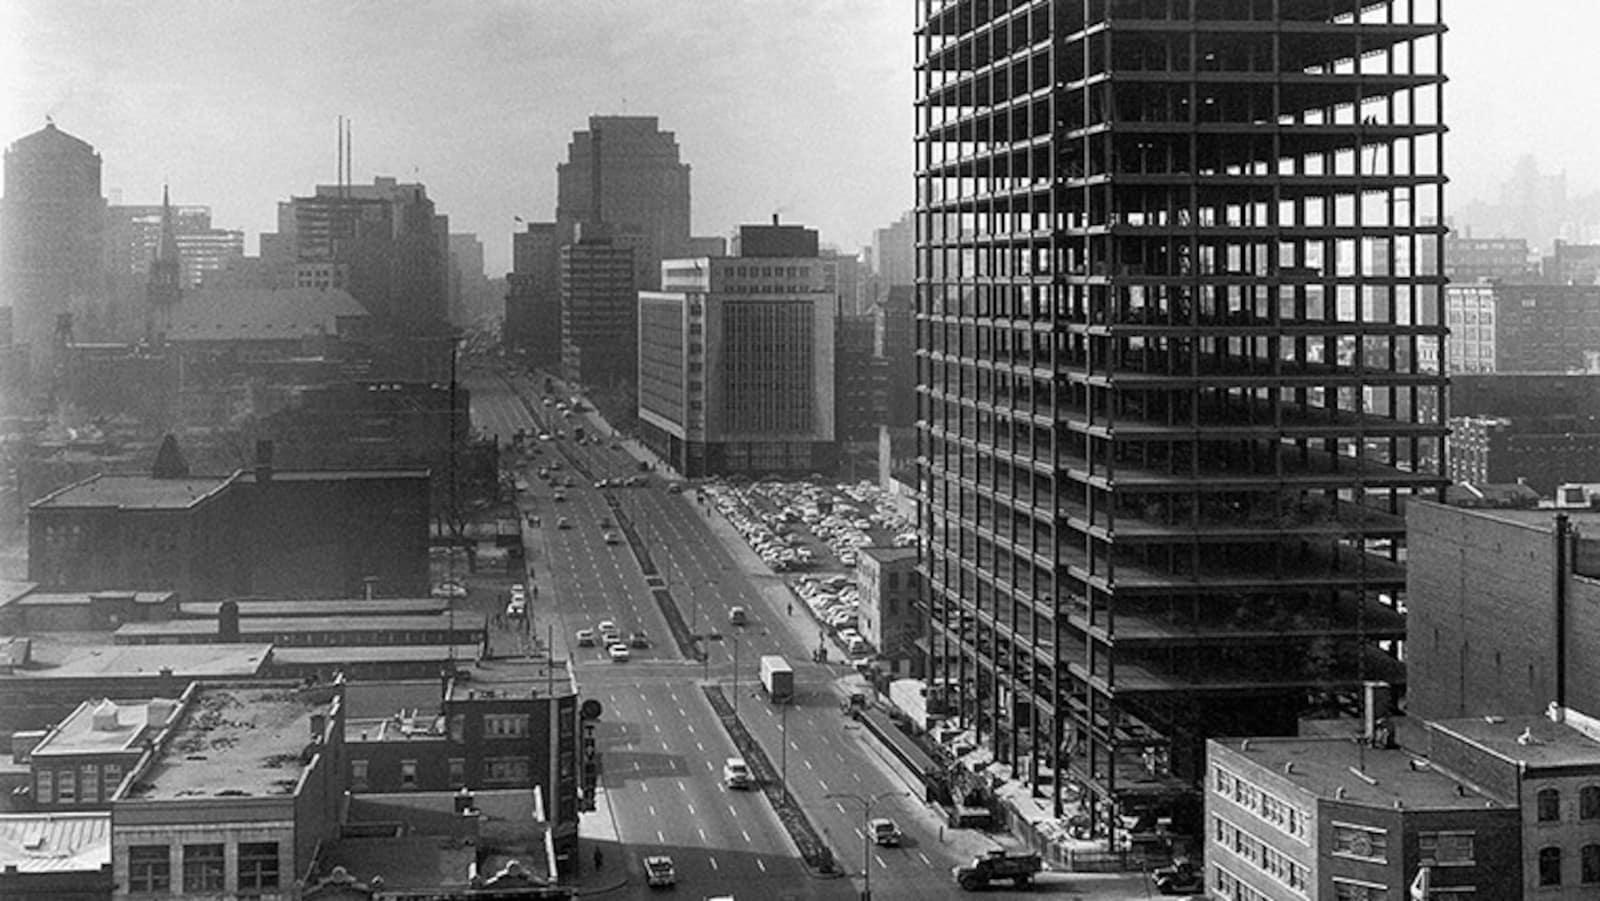 Vue panoramique de l'édifice et de ses grues avec les autres édifices montréalais en arrièrre-plan.